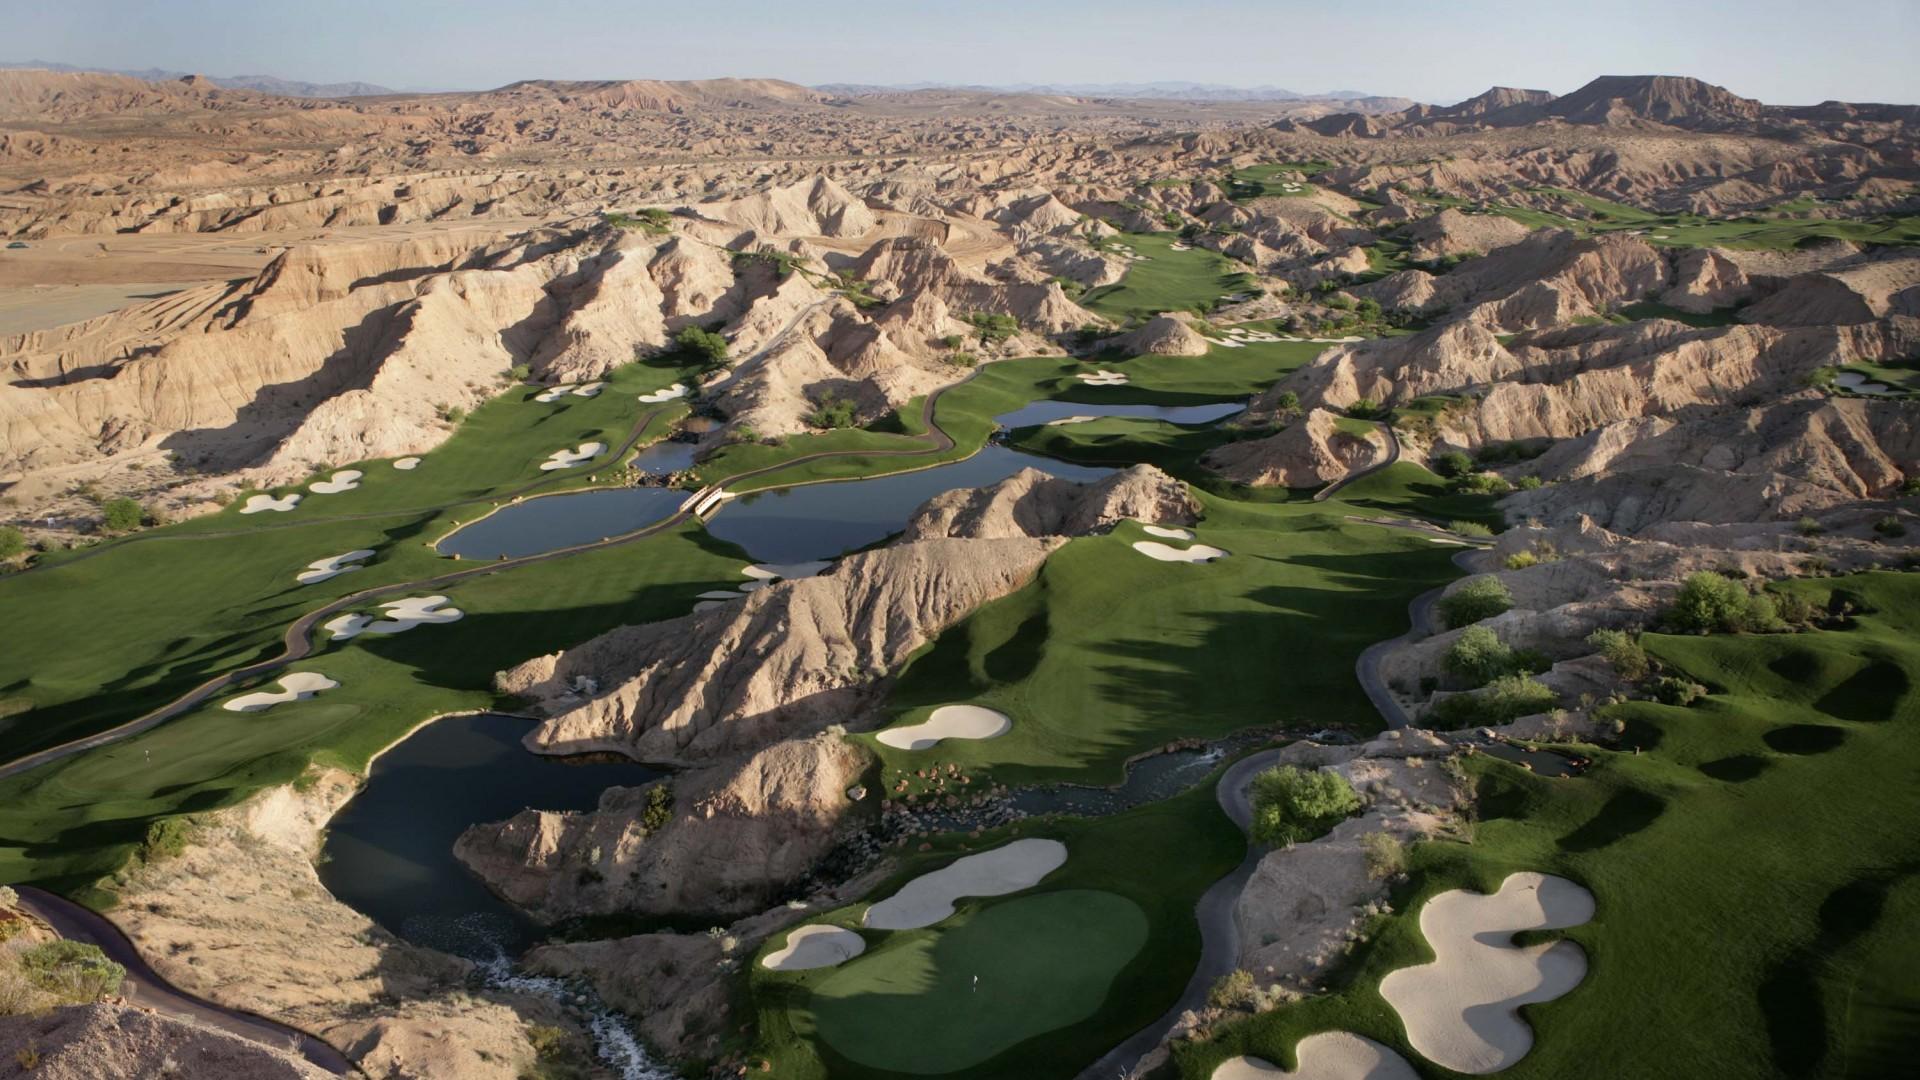 Wolf Creek golf club, Nevada, United States of America